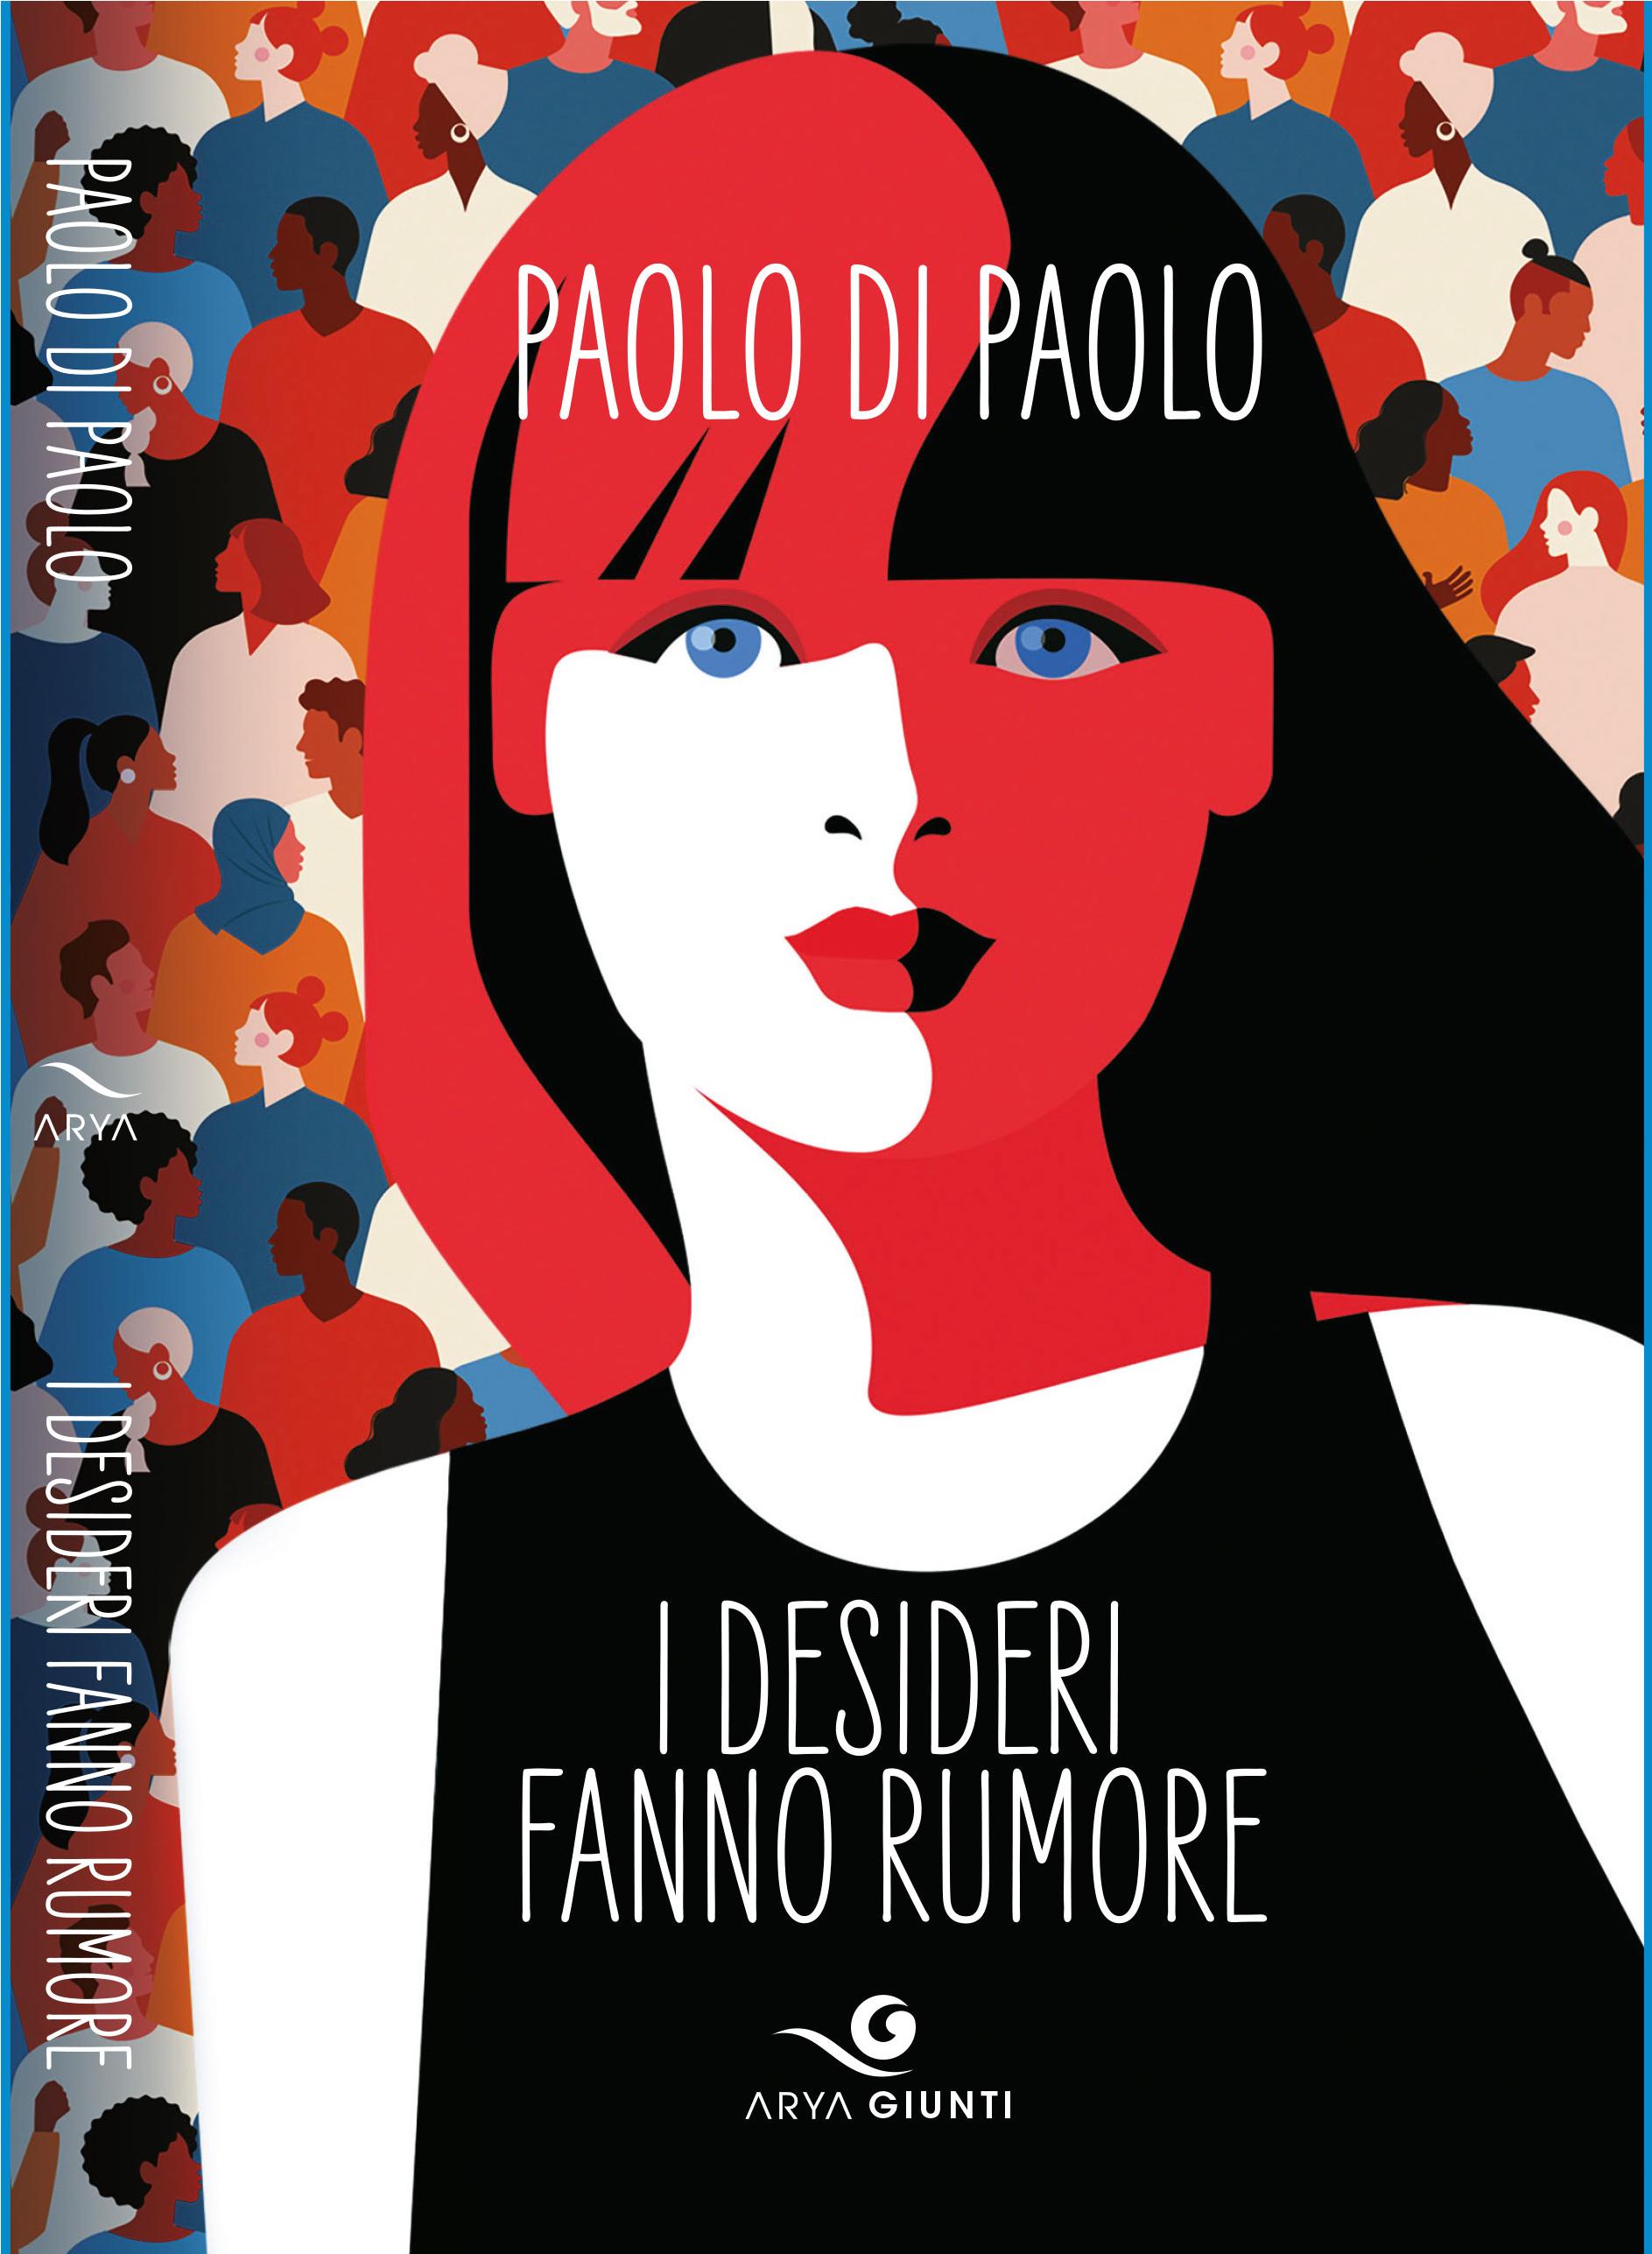 Paolo Di Paolo - I desideri fanno rumore